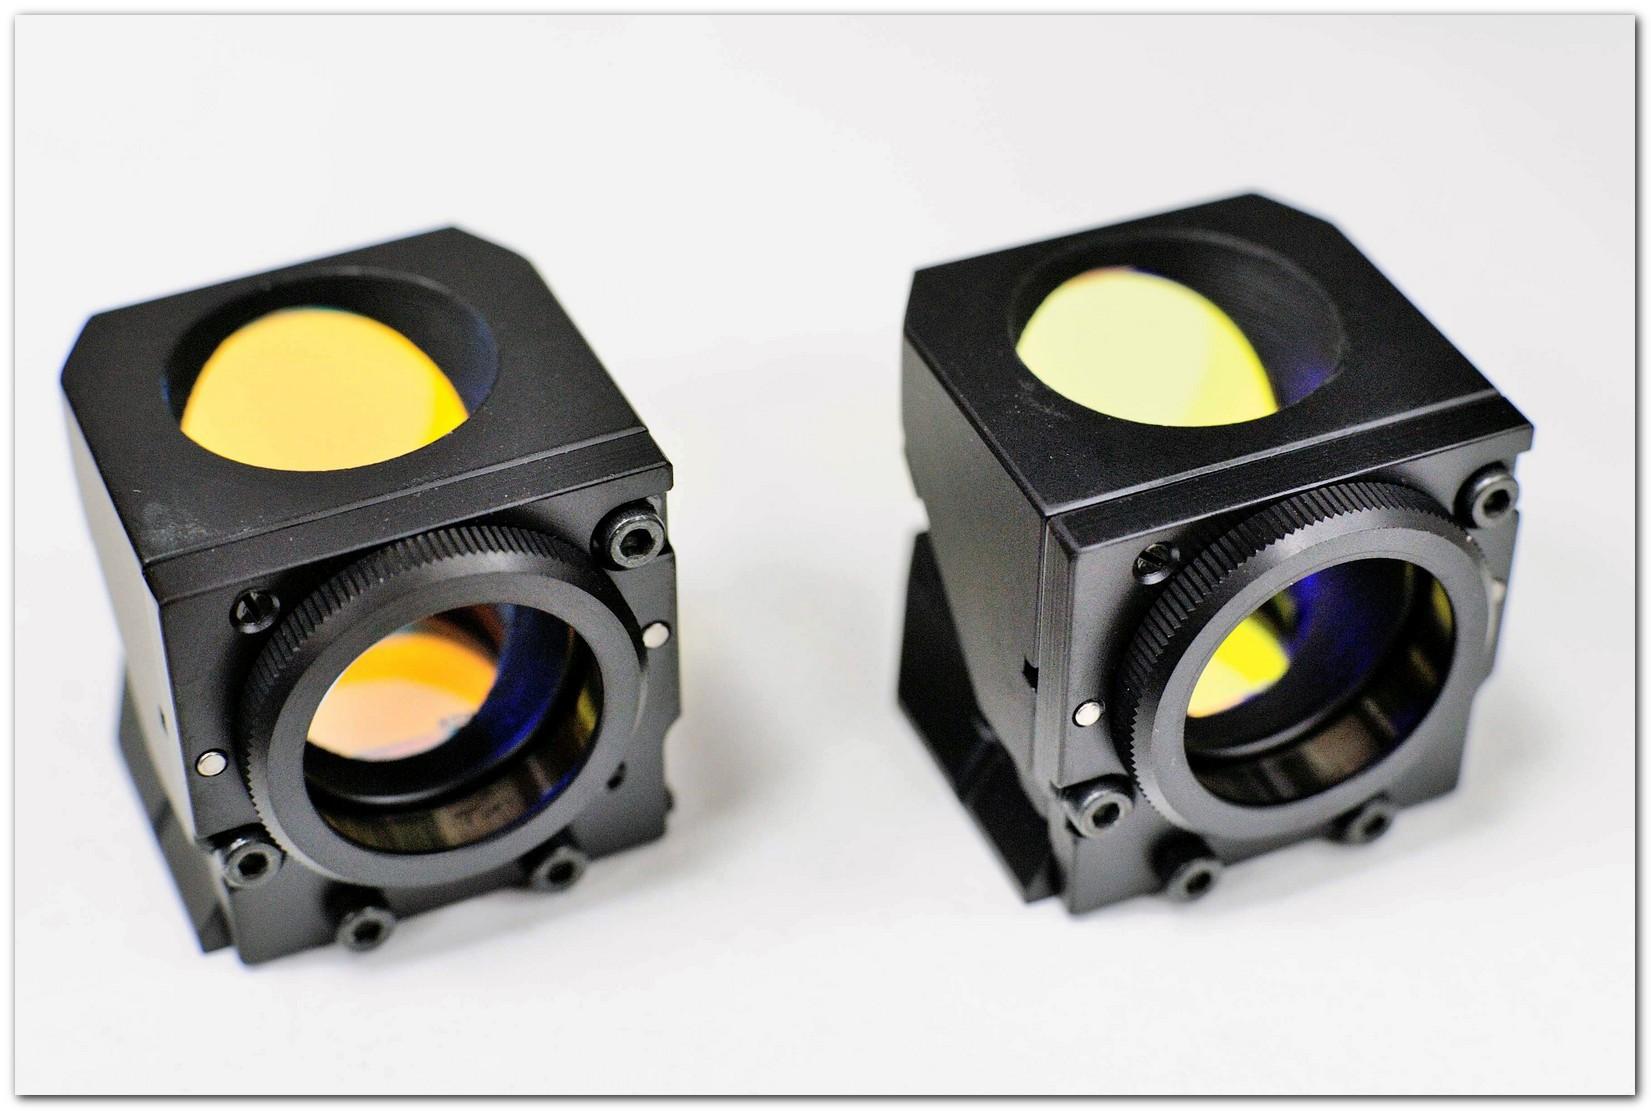 «Диагностировать рак поможет лазер», или Как устроен лазерный флуоресцентный гиперспектральный микроскоп - 16